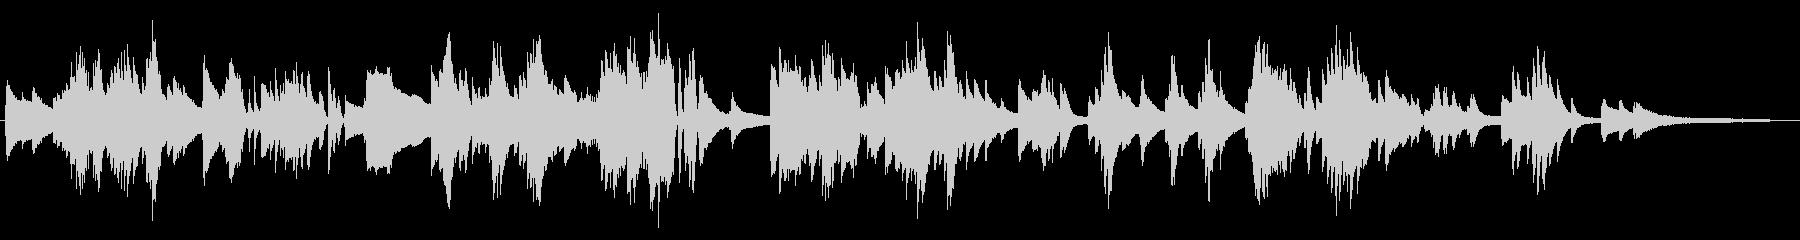 情感あふれるピアノバラードの未再生の波形